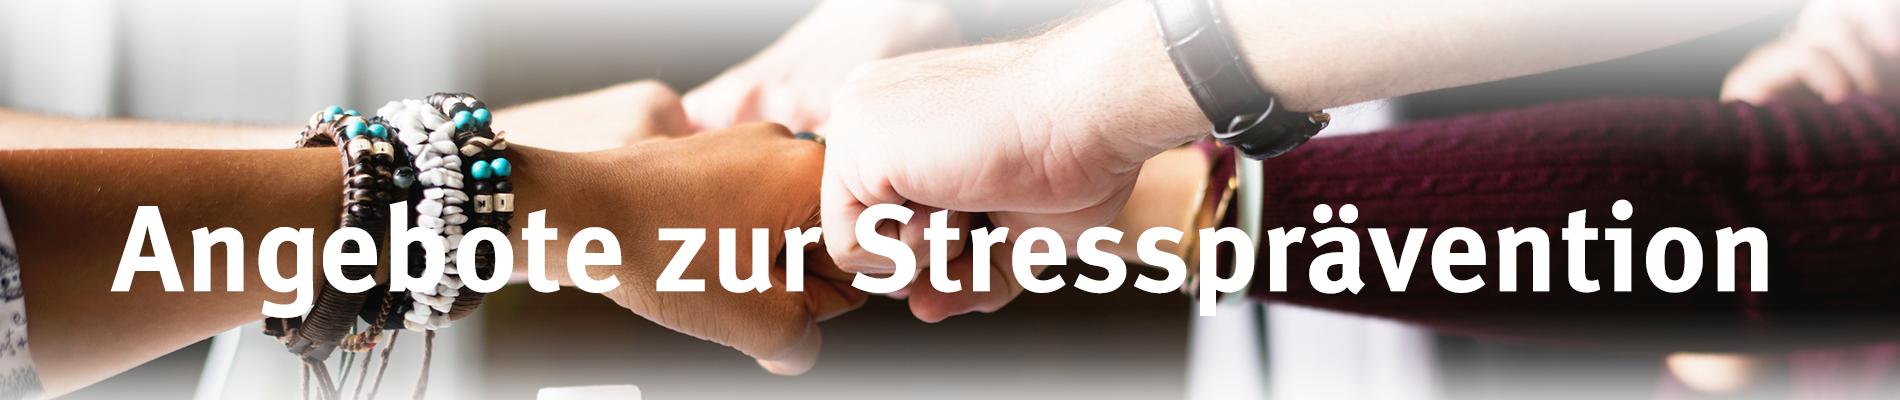 Angebote zur Stressprävention